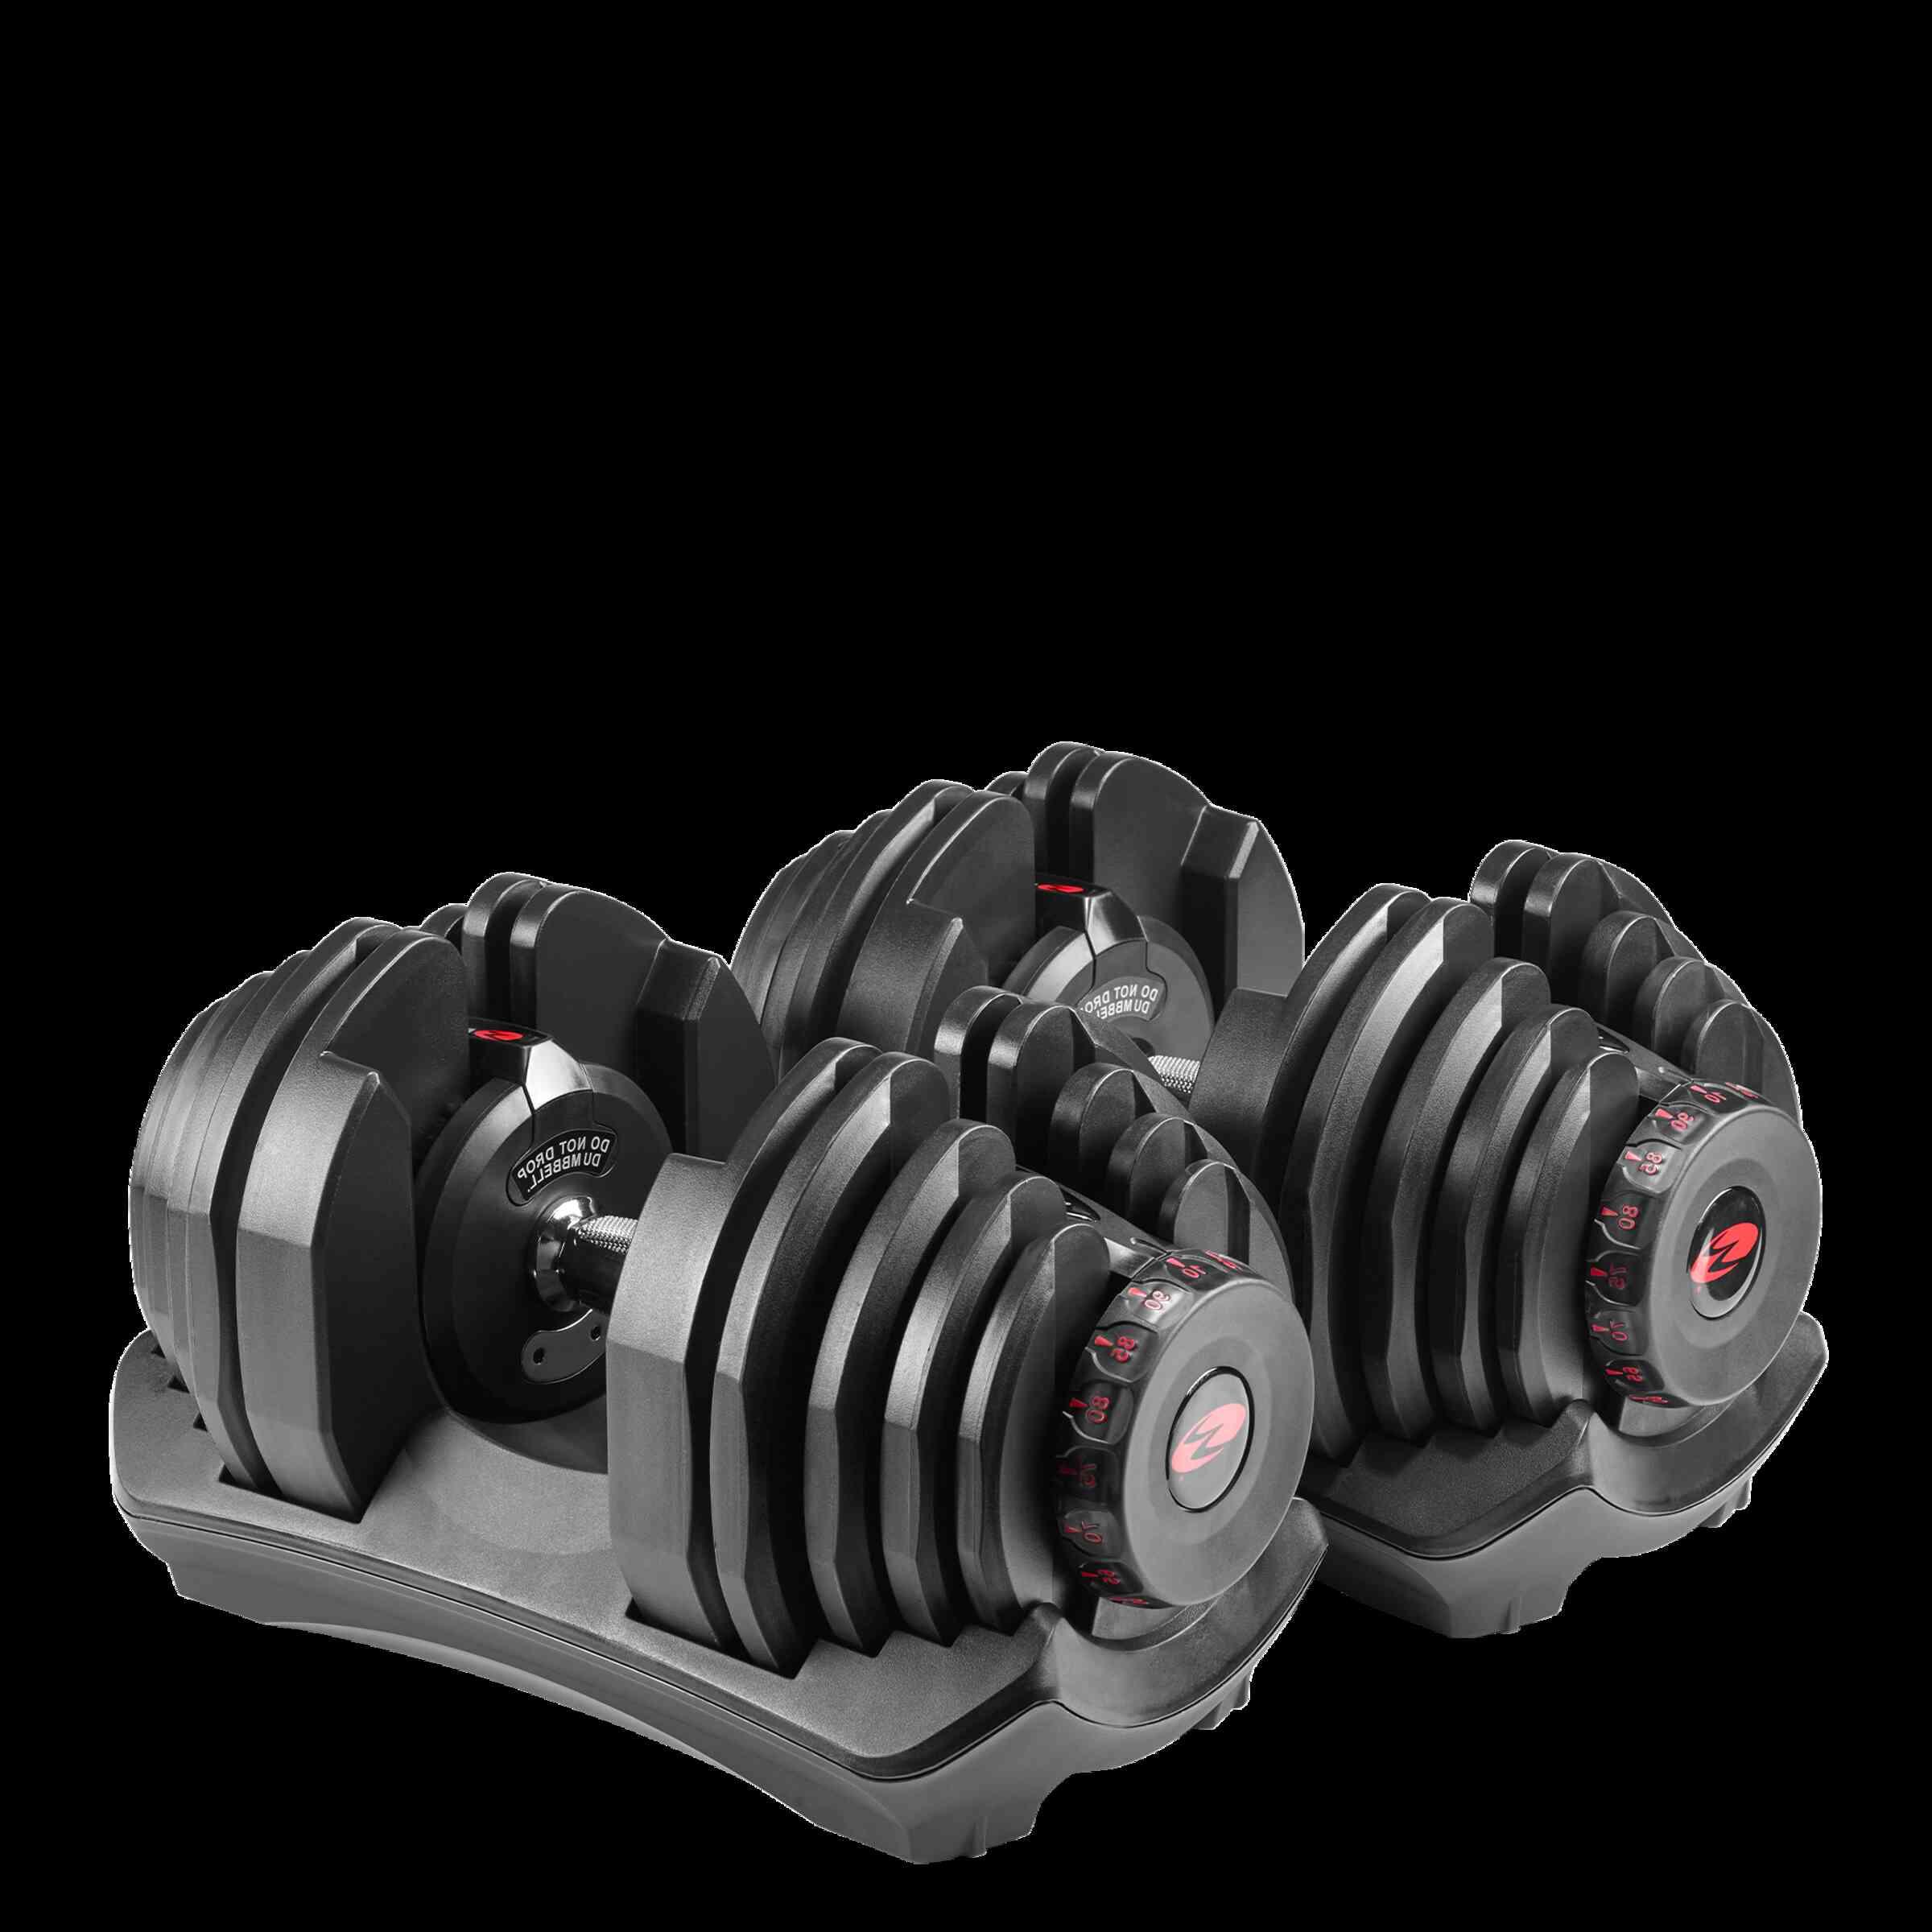 bowflex dumbbells 1090 for sale